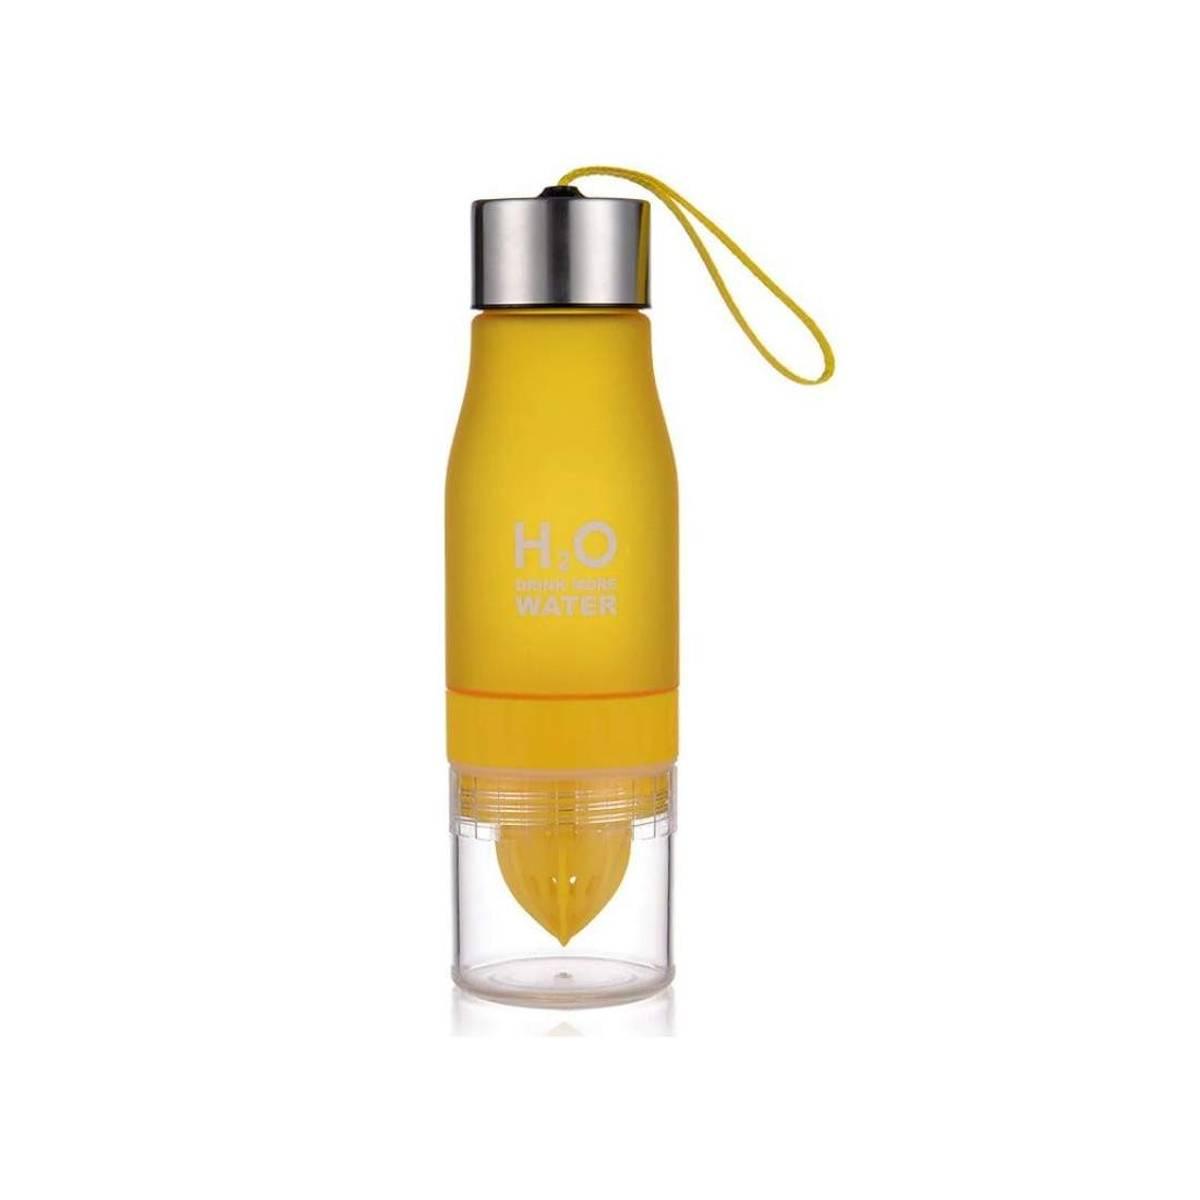 H2O Vannflaske med sitruspresse